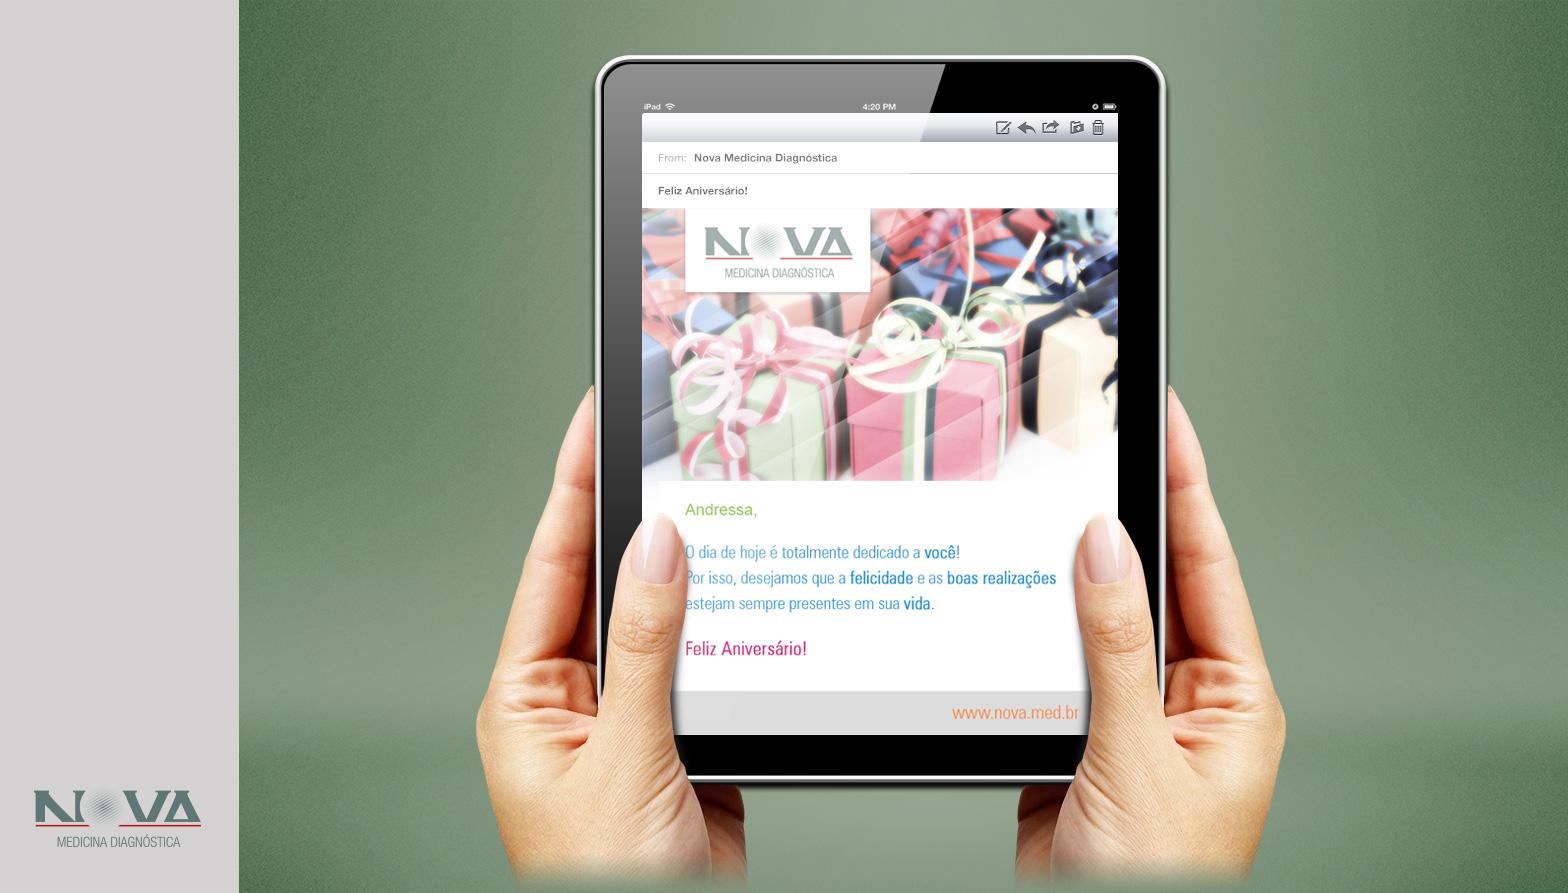 comunicação e marketing digital nova medicina e diagnóstica